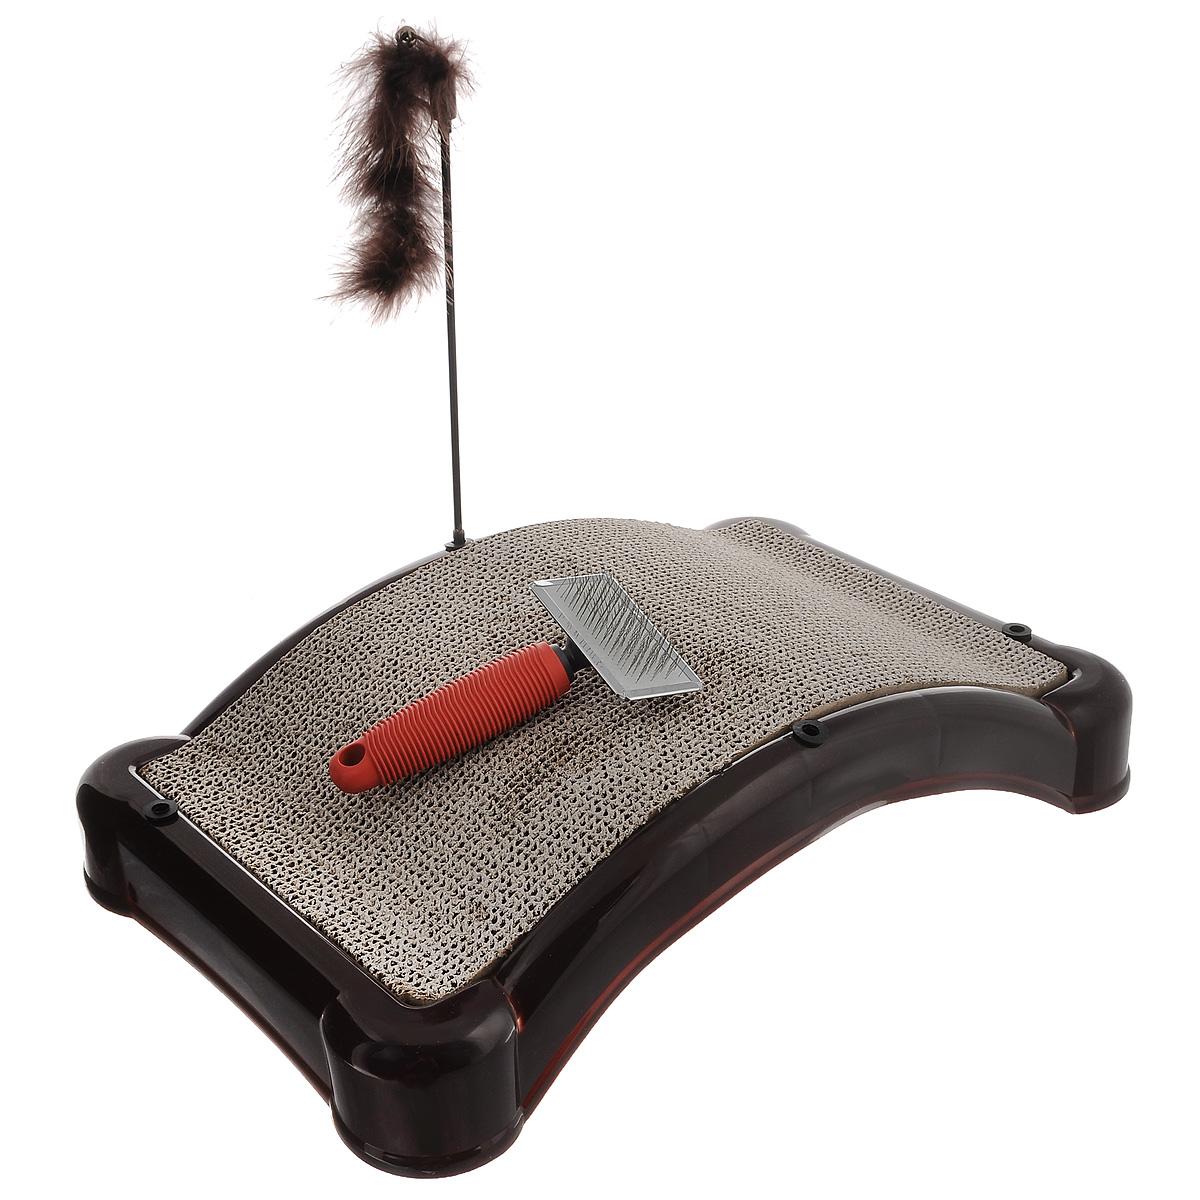 Когтеточка Bradex Царапка, с игрушкой и щеткой для шерстиTD 0101Когтеточка Bradex Царапка, изготовленная из высококачественного пластика и гофрокартона с добавлением кошачьей мяты, поможет сохранить мебель и ковры в доме от когтей вашего любимца, стремящегося удовлетворить свою естественную потребность точить когти. Товар продуман в мельчайших деталях и, несомненно, понравится вашей кошке. Компактная когтеточка обладает достаточно широкой поверхностью для стачивания коготков, что подарит вашей кошке свободу передвижения на ней, возможность потянуть спинку или выгнуться. Кроме того, во время царапания происходит нагрузка на мышечный аппарат, что является прекрасной физической тренировкой для животного. А также на когтеточке Bradex Царапка стачиваются старые омертвевшие слои когтей, что благотворно влияет на здоровье и настроение питомца. Это намного безопаснее, чем подстригать когти ножницами или специальными щипцами, рискуя повредить ногтевую пластину и причинить животному дискомфорт. Встроенная в...